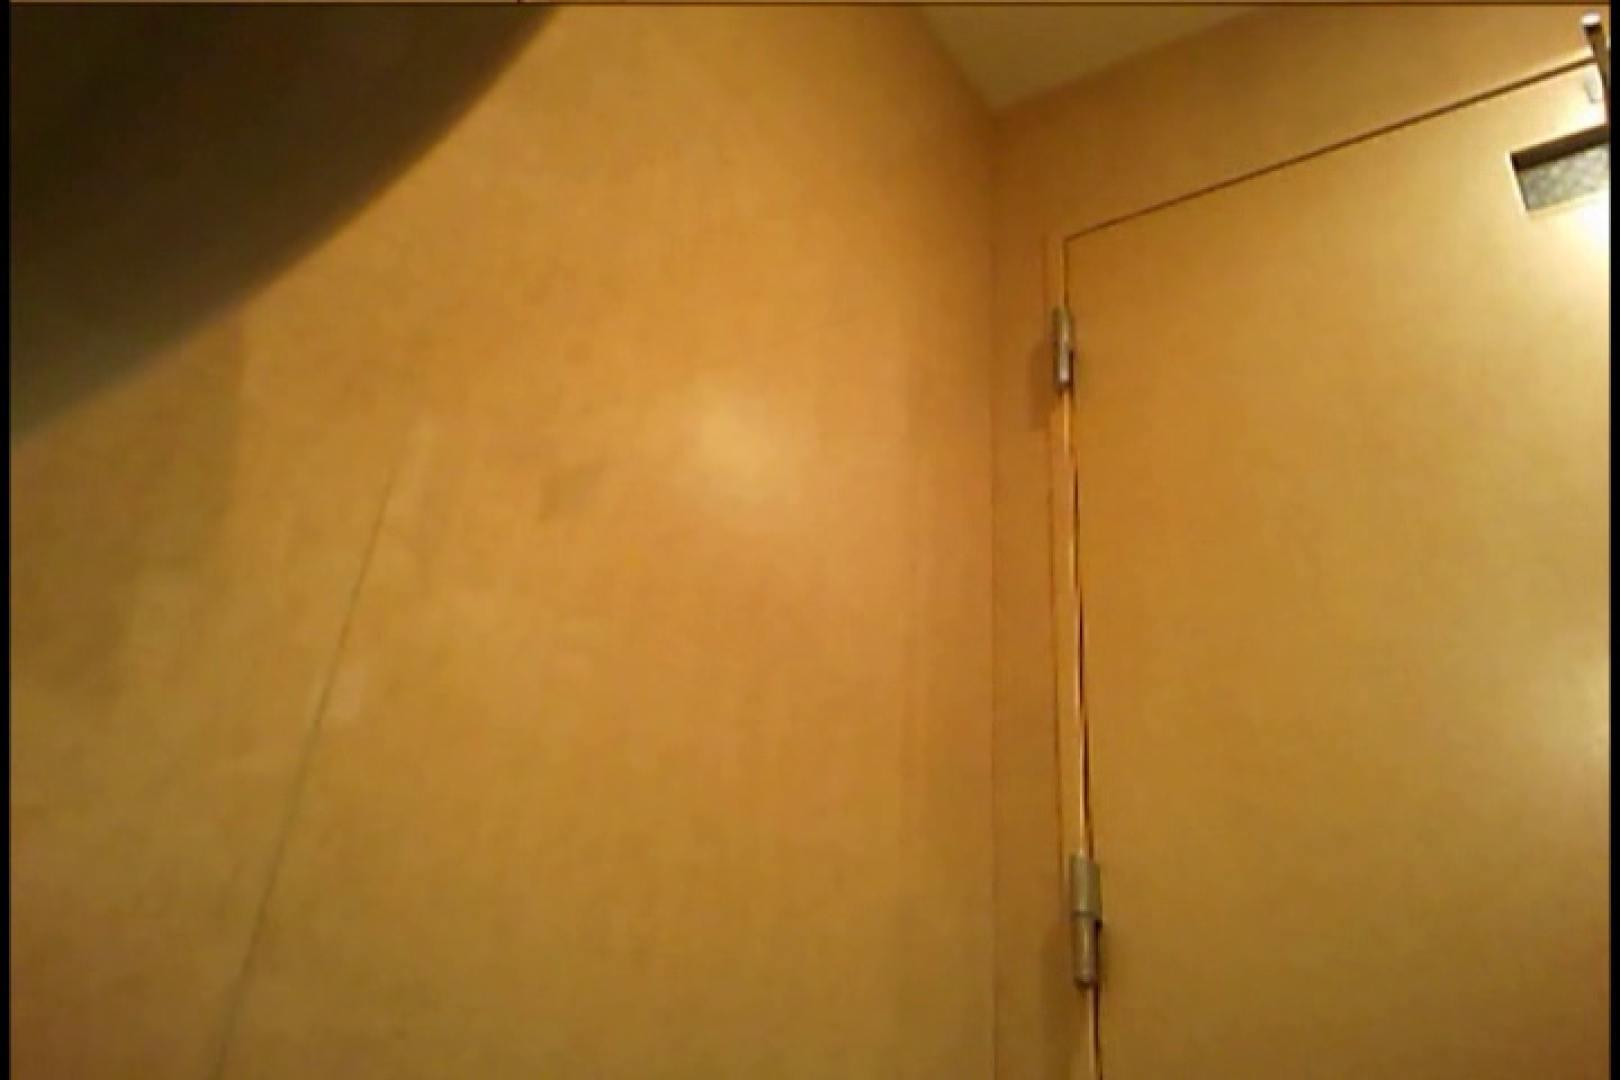 画質向上!新亀さん厠 vol.81 黄金水 のぞき動画画像 91pic 65